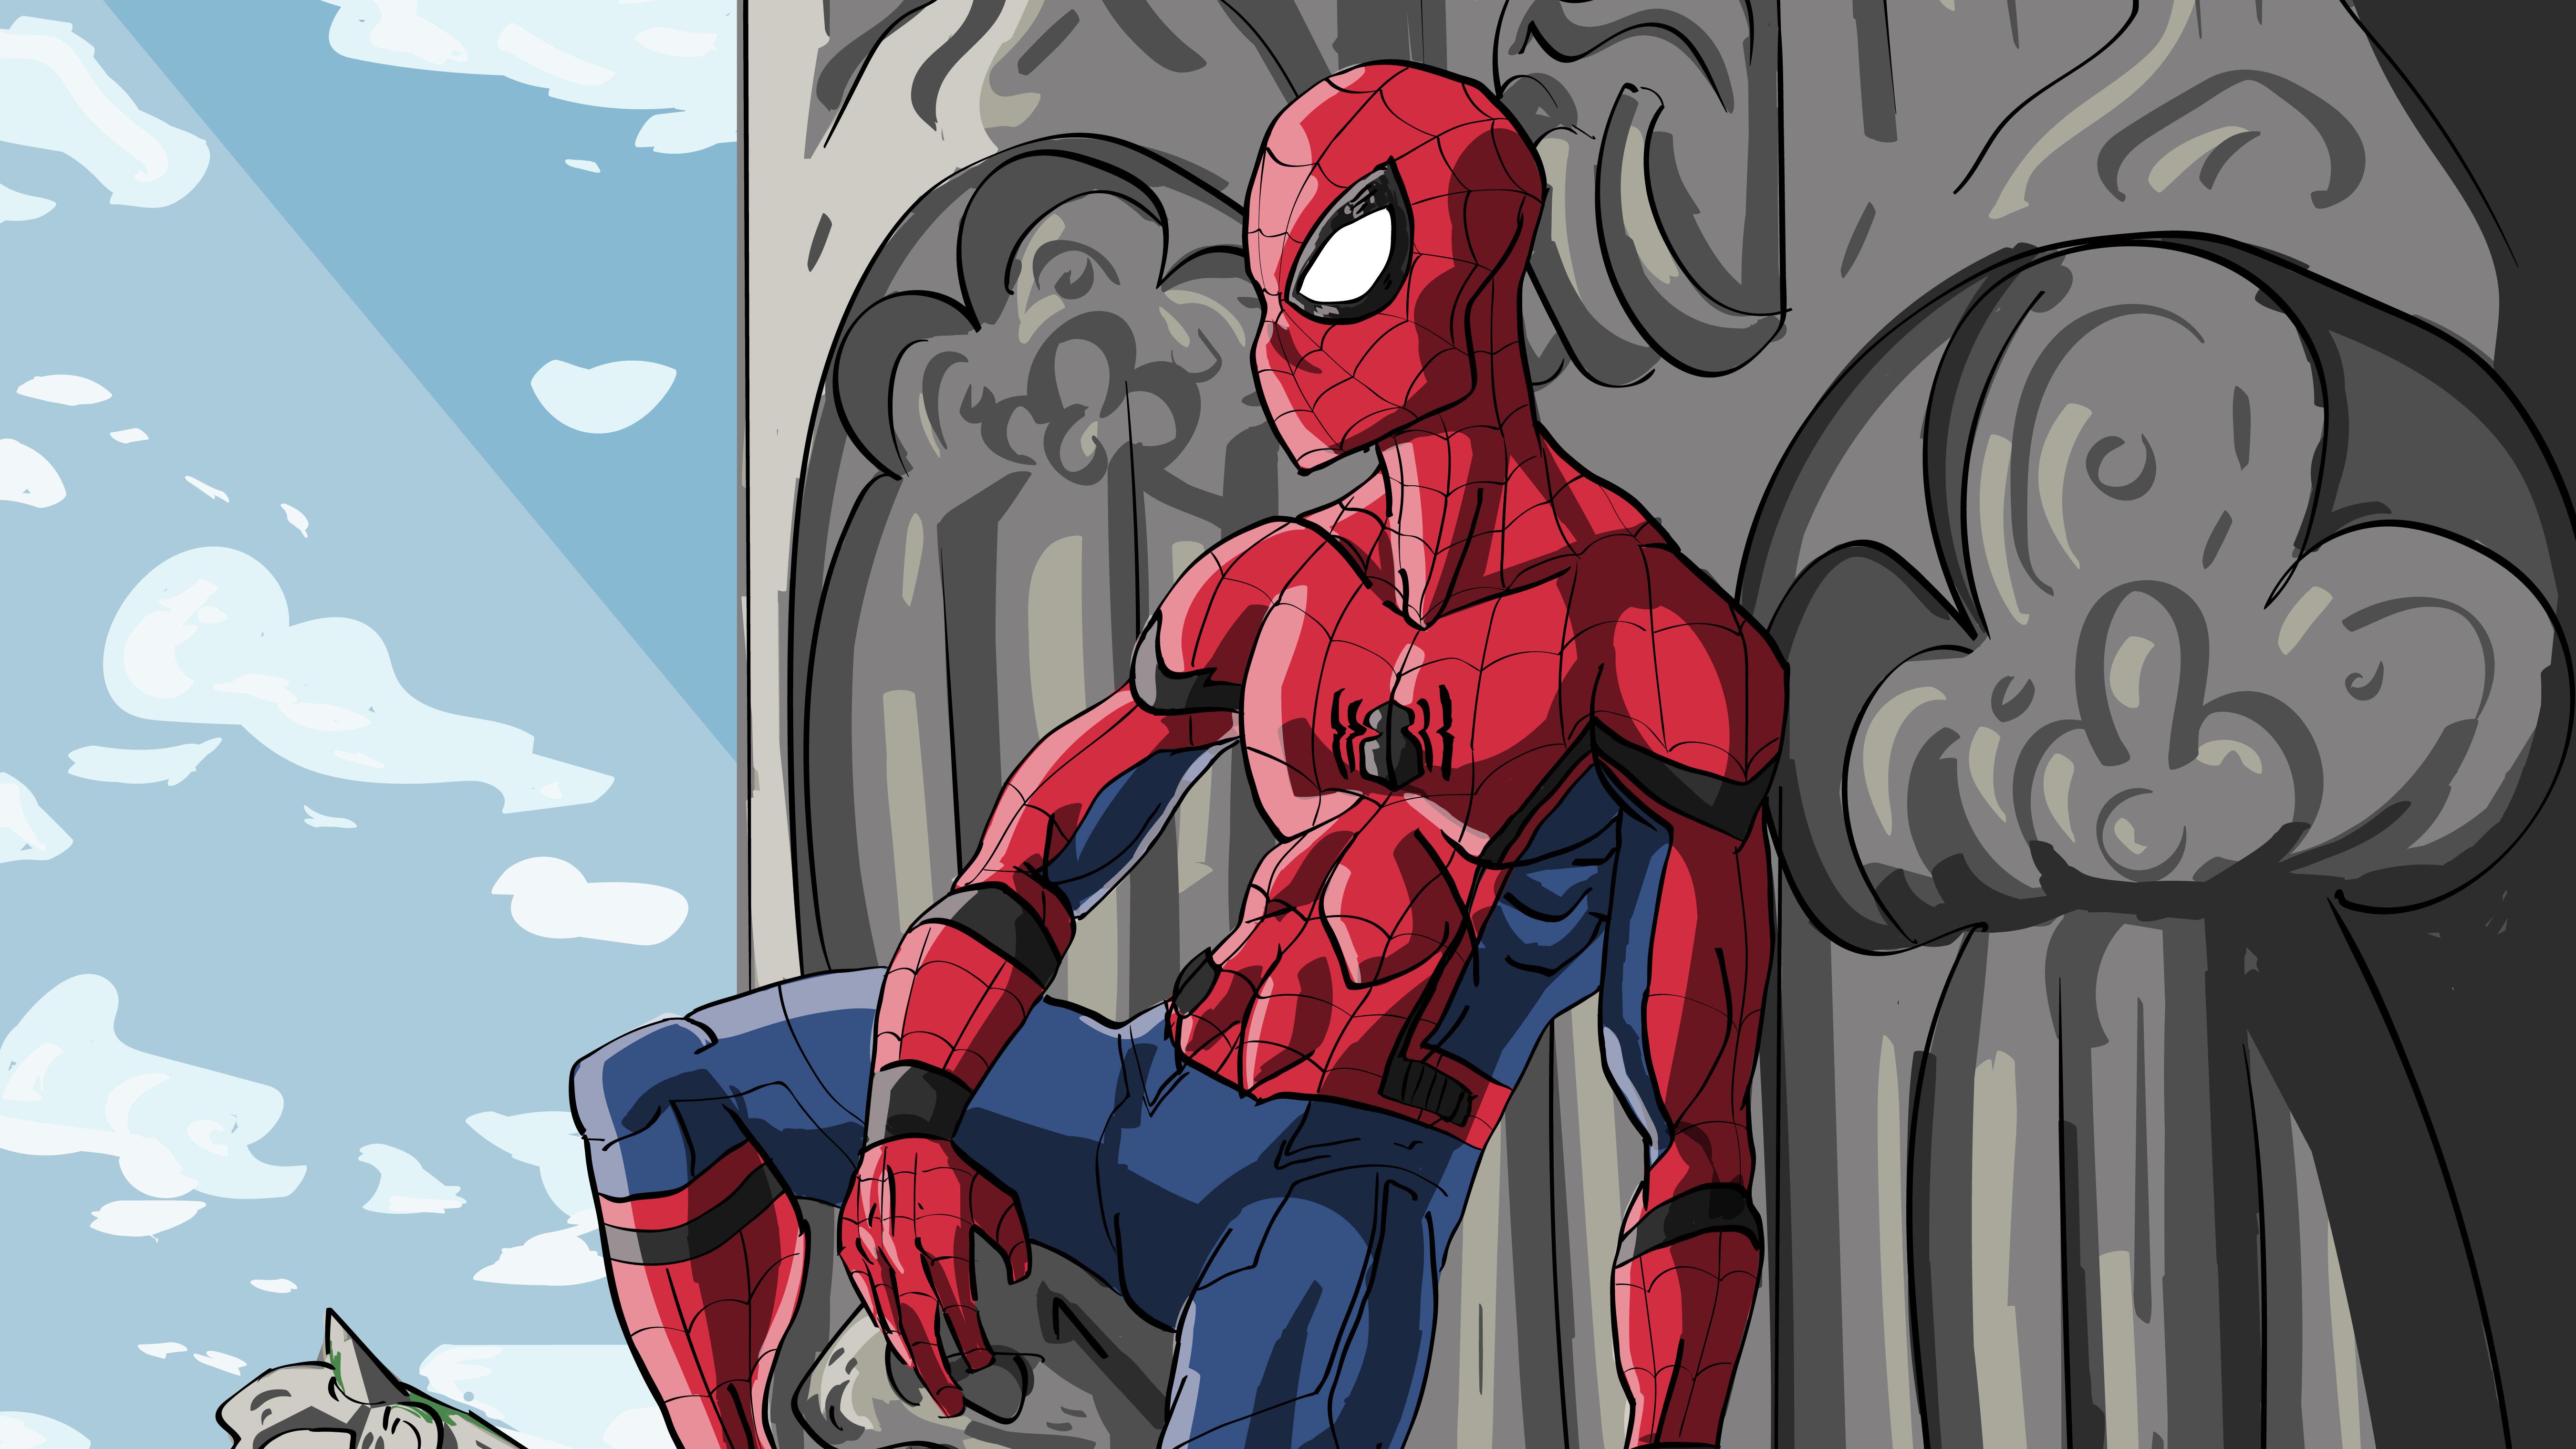 1680x1050 Spider Man Comic Art 5k 1680x1050 Resolution Hd 4k